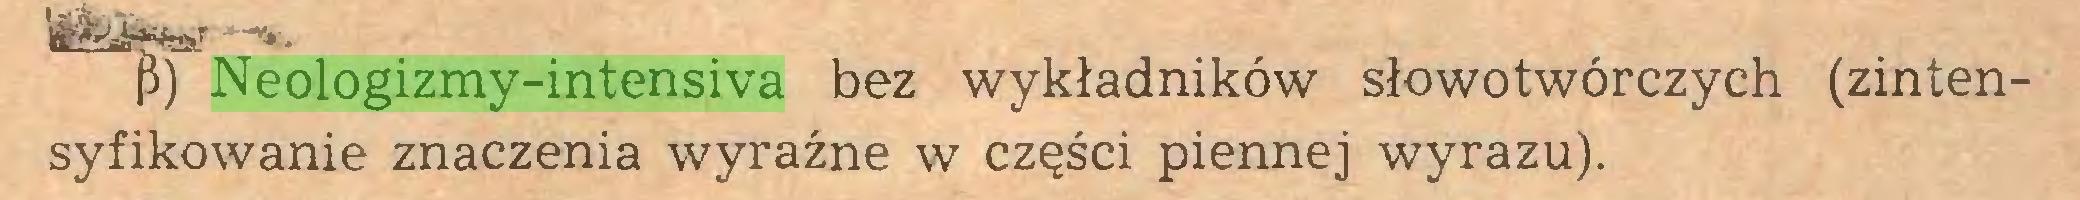 (...) p) Neologizmy-intensiva bez wykładników słowotwórczych (zintensyfikowanie znaczenia wyraźne w części piennej wyrazu)...